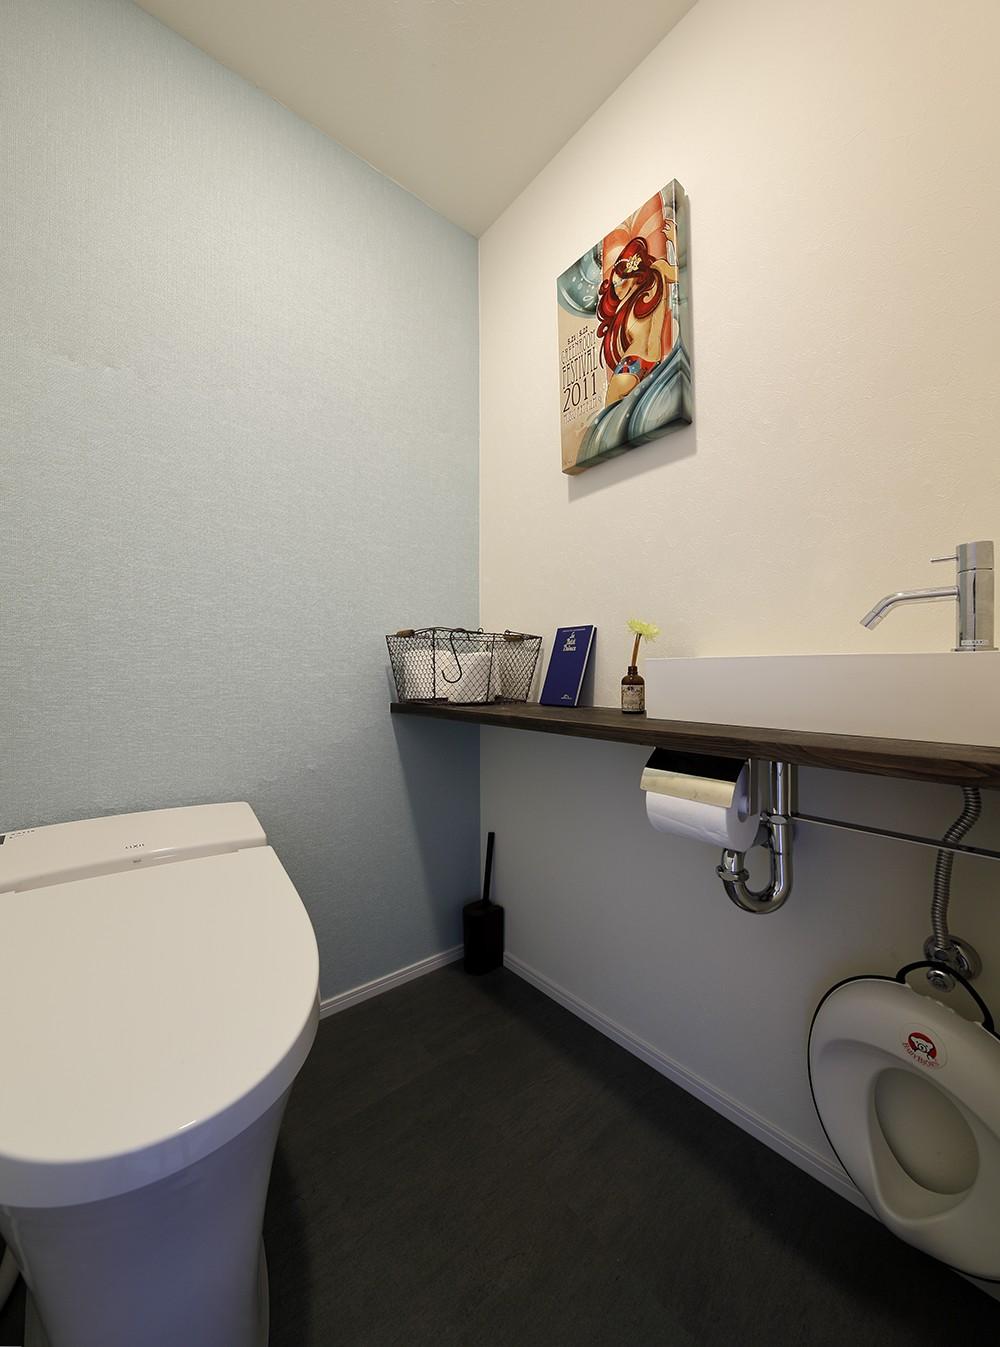 「海」を感じる住まいへリノベーション (穏やかな淡いブルーのトイレ)